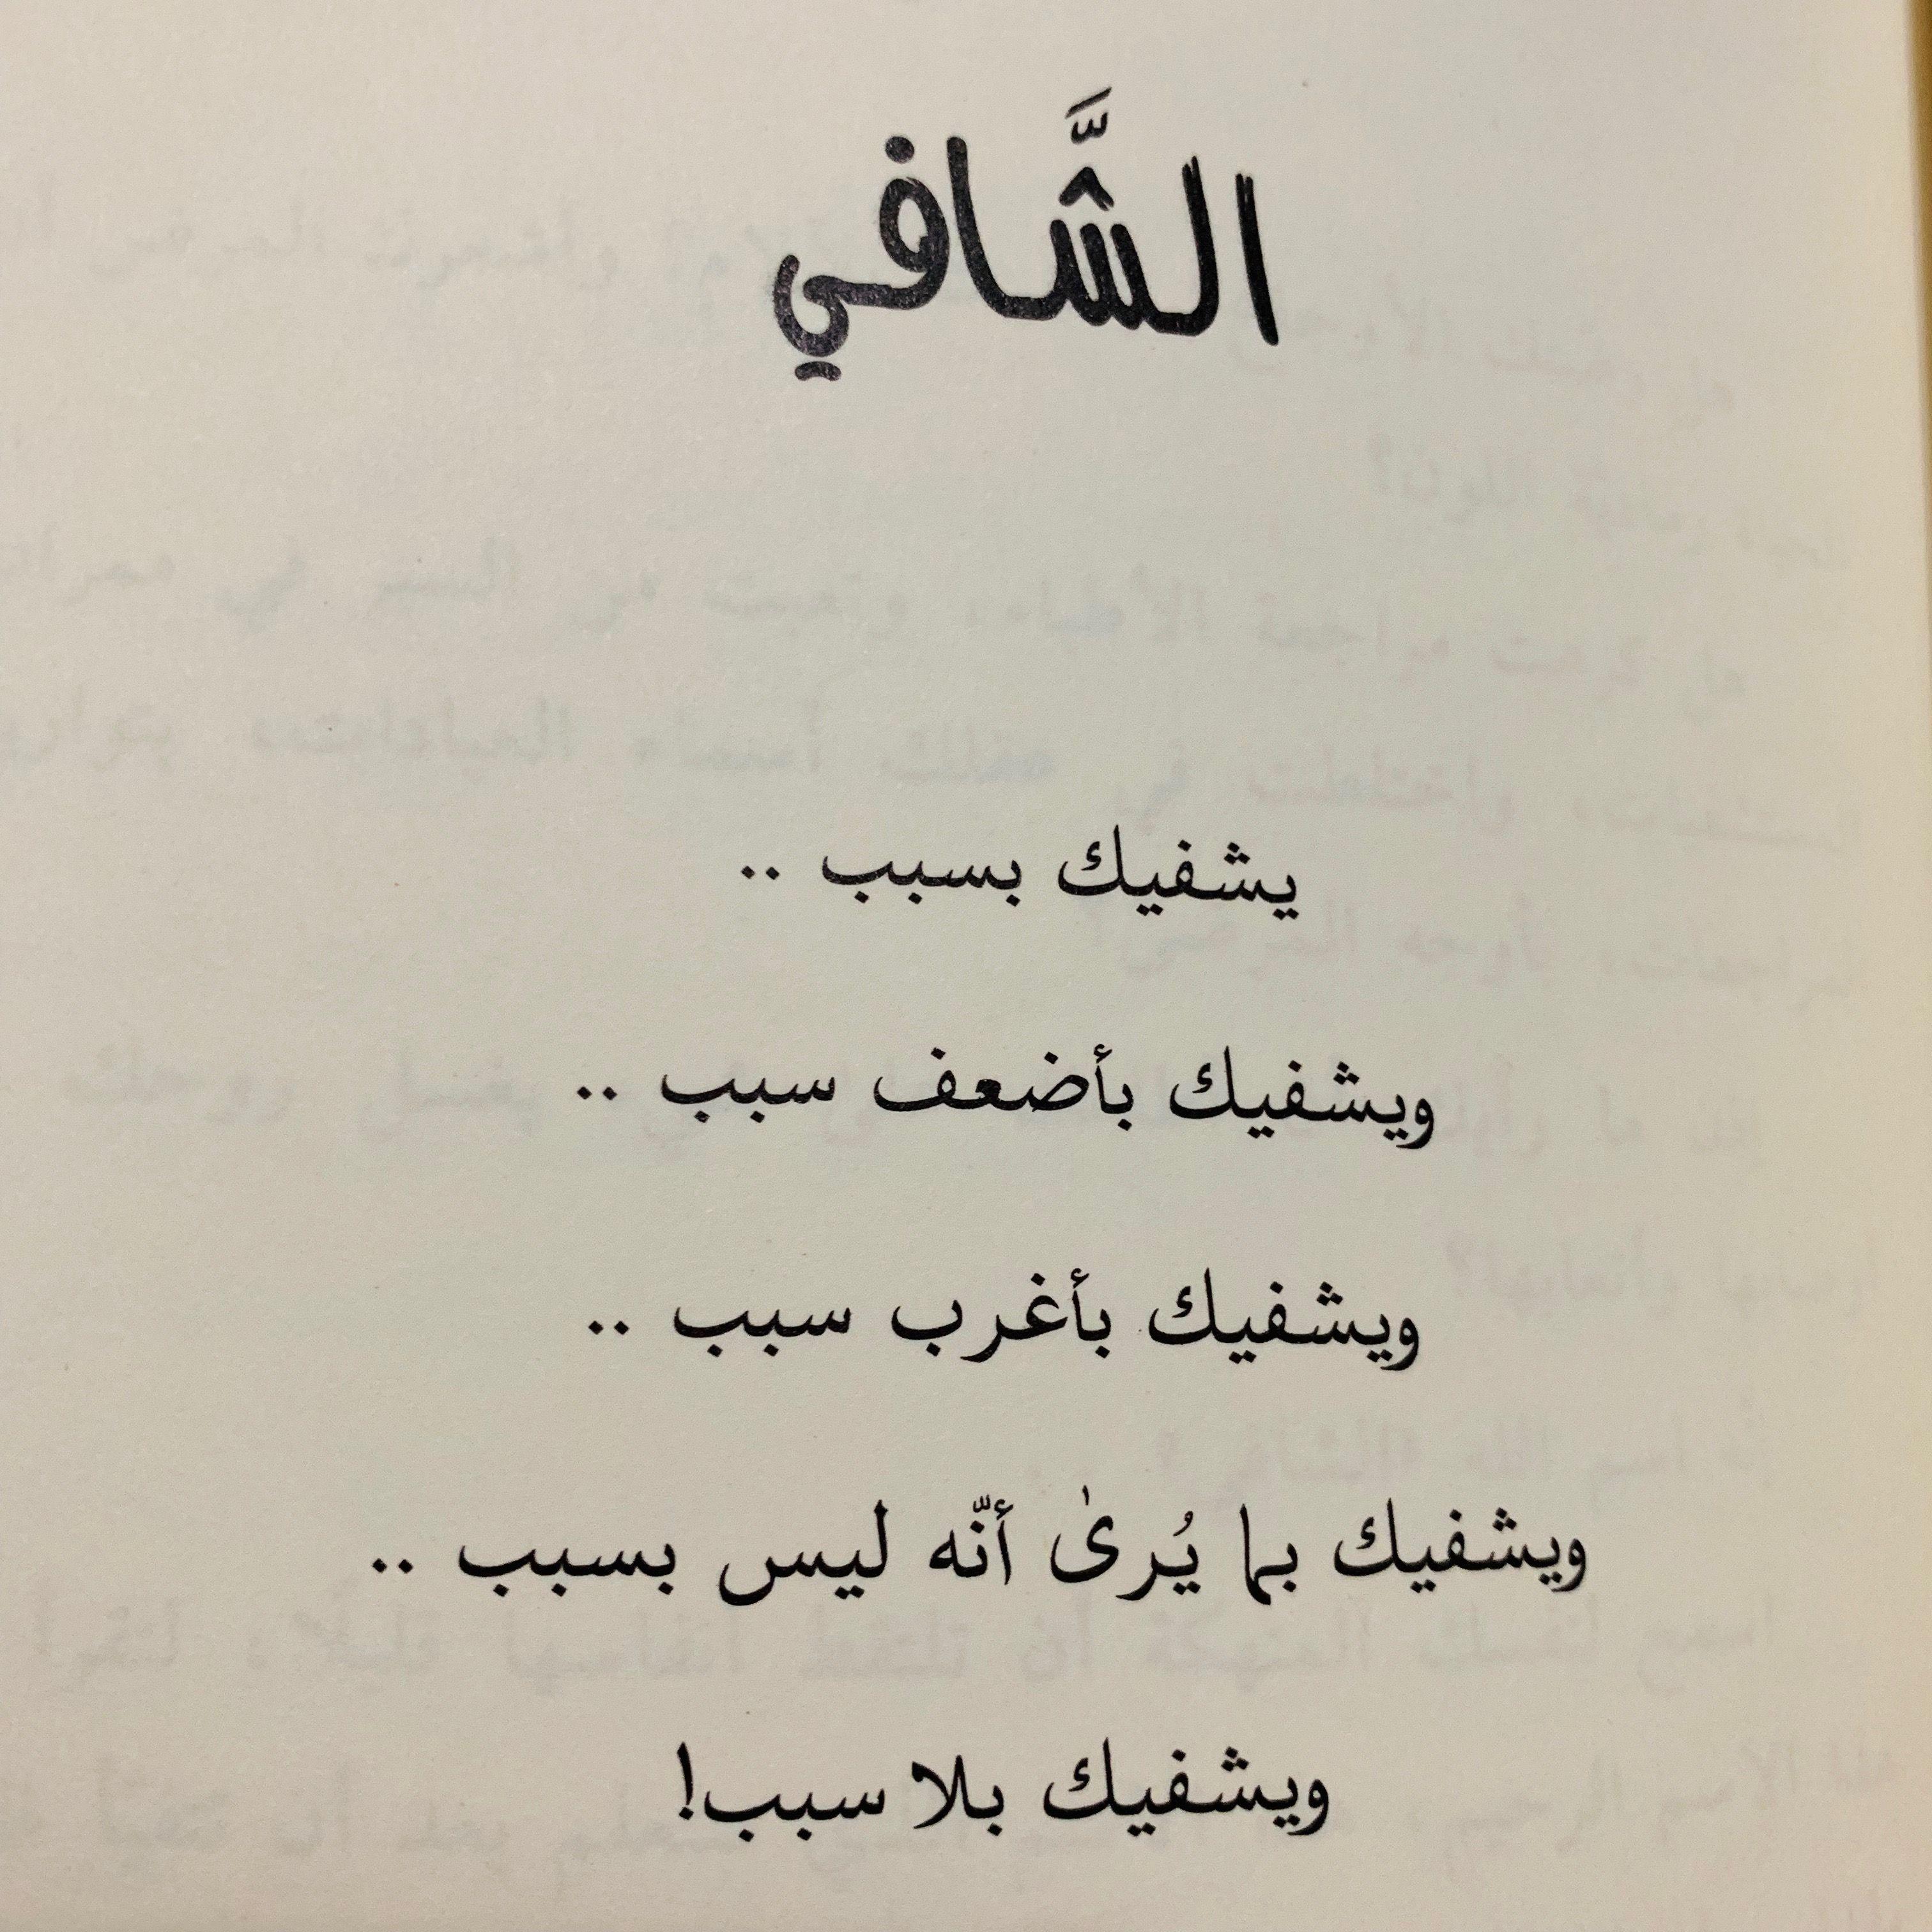 كتاب(لأنك الله) Math, Books, Arabic calligraphy